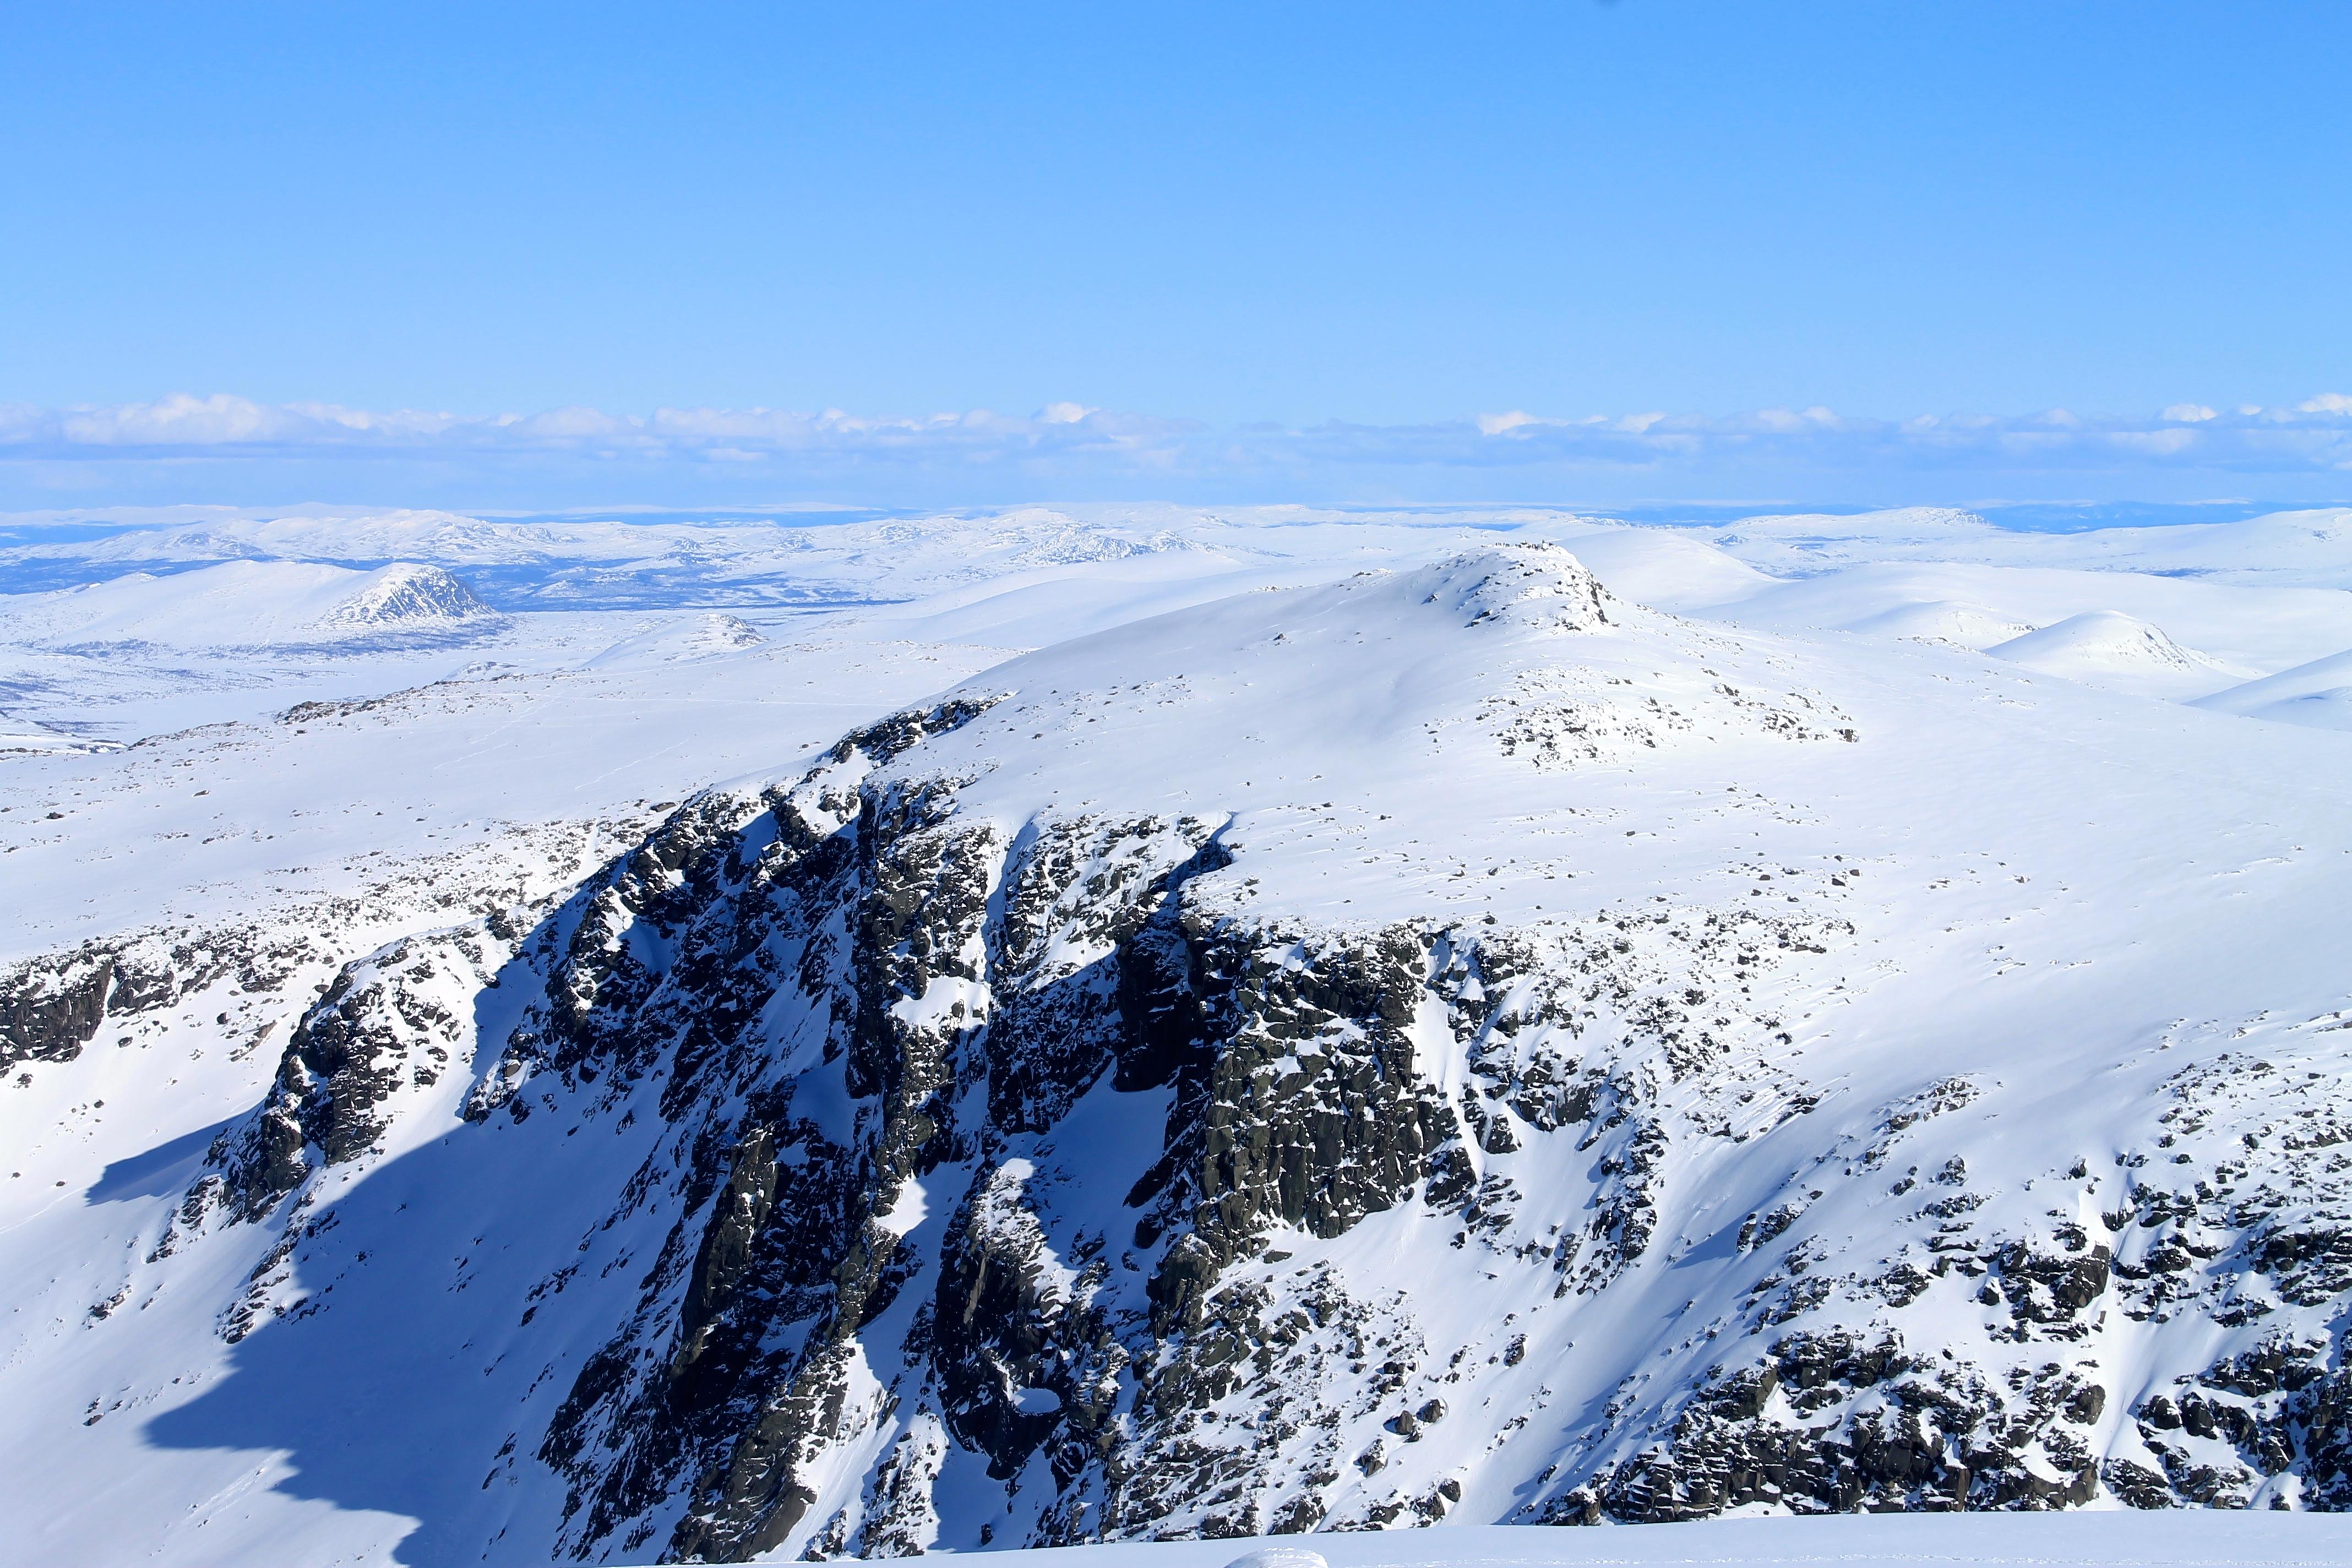 Rasletinden er en enkel, men flott topptur helt vest i Jotunheimen.